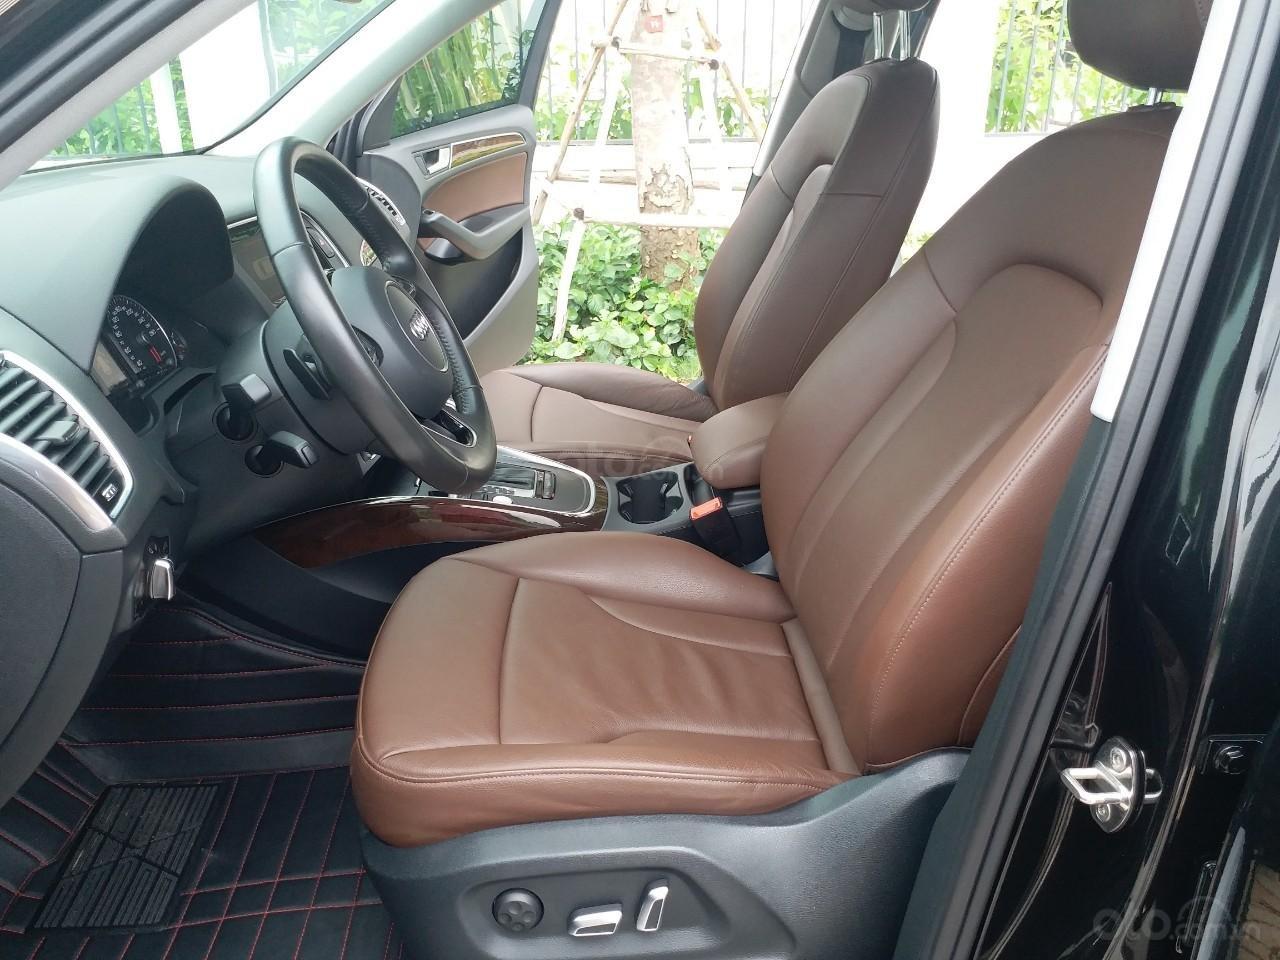 Bán Audi Q5 2.0 TFSI màu đen/ nâu, sản xuất cuối 2015 nhập Đức, đăng ký 2016 tên tư nhân (15)